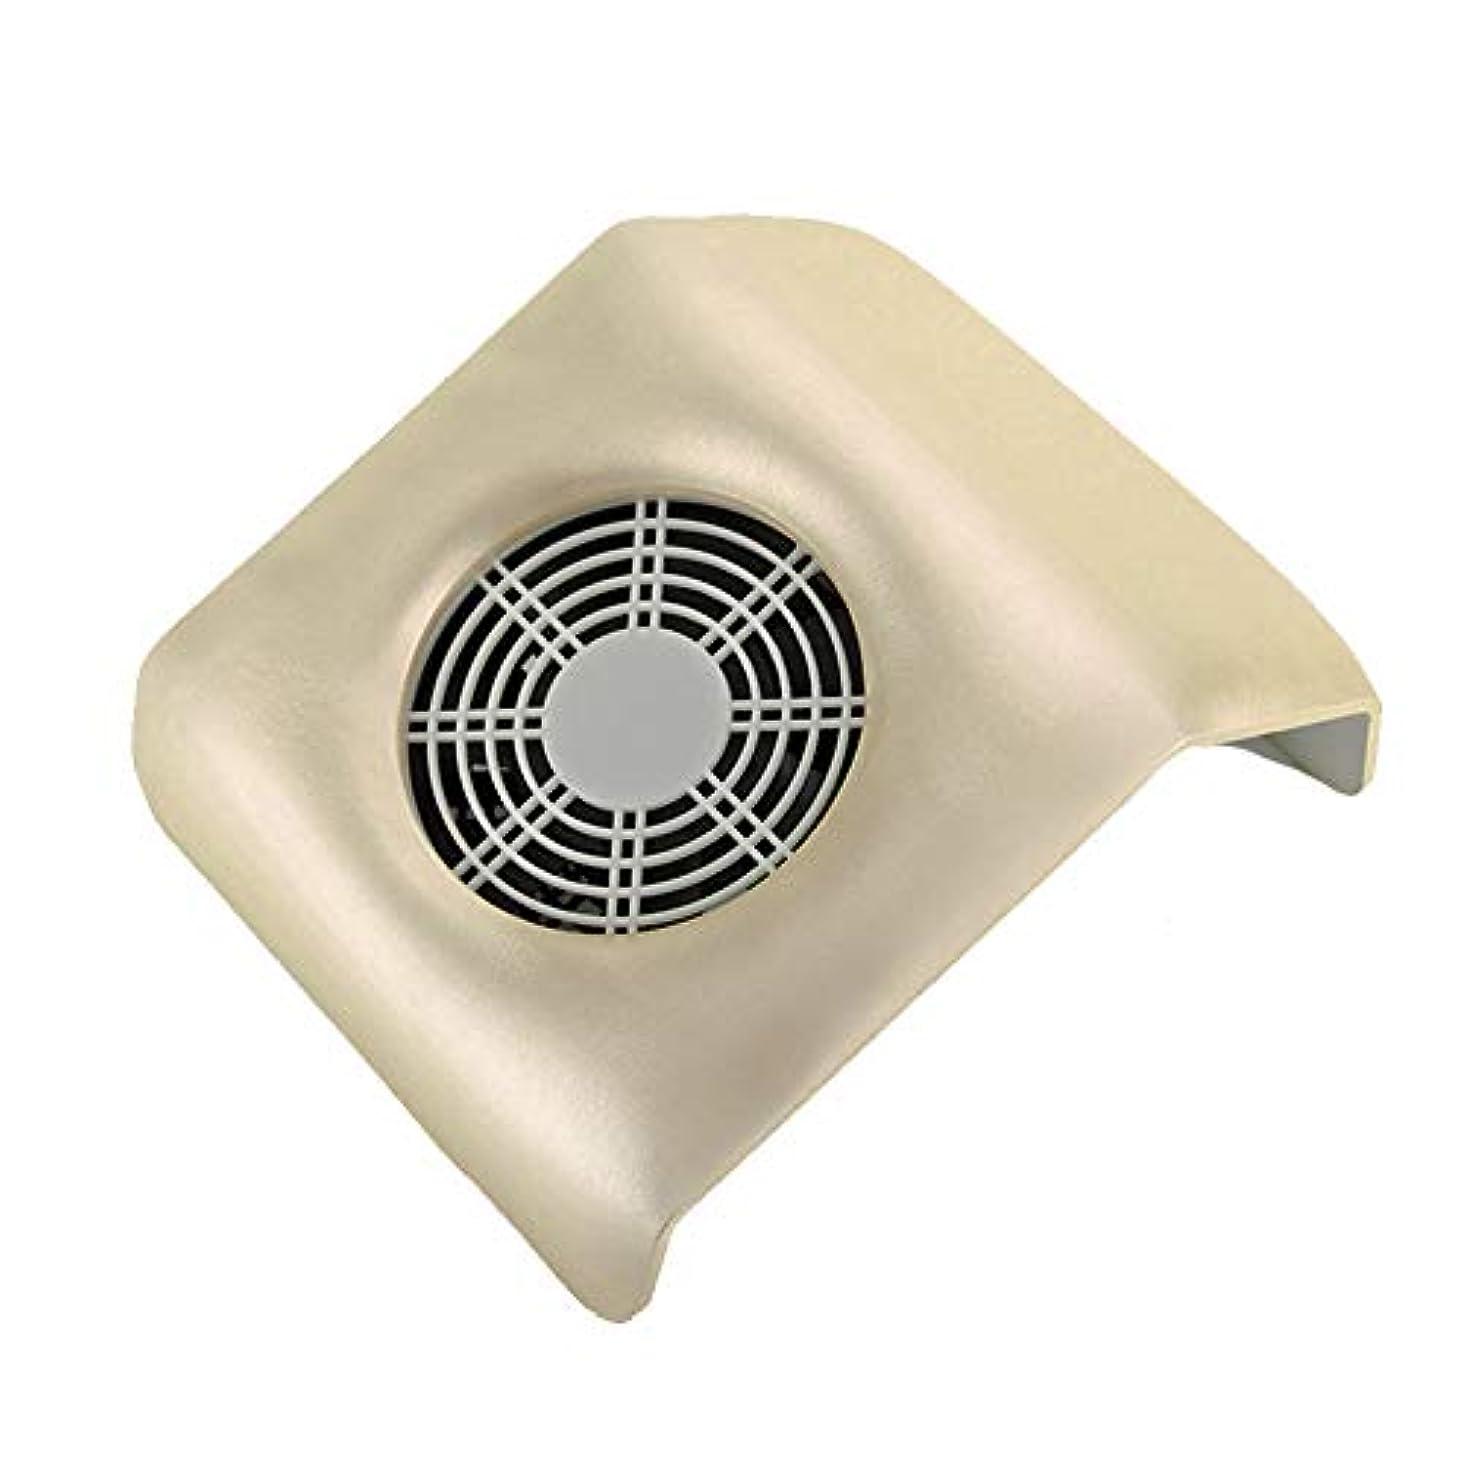 活発科学者ワックスネイル 集塵機 ネイルアート掃除機 ネイルマシン ネイルダスト ダストクリーナー ネイル機器 集塵バッグ付き 金色